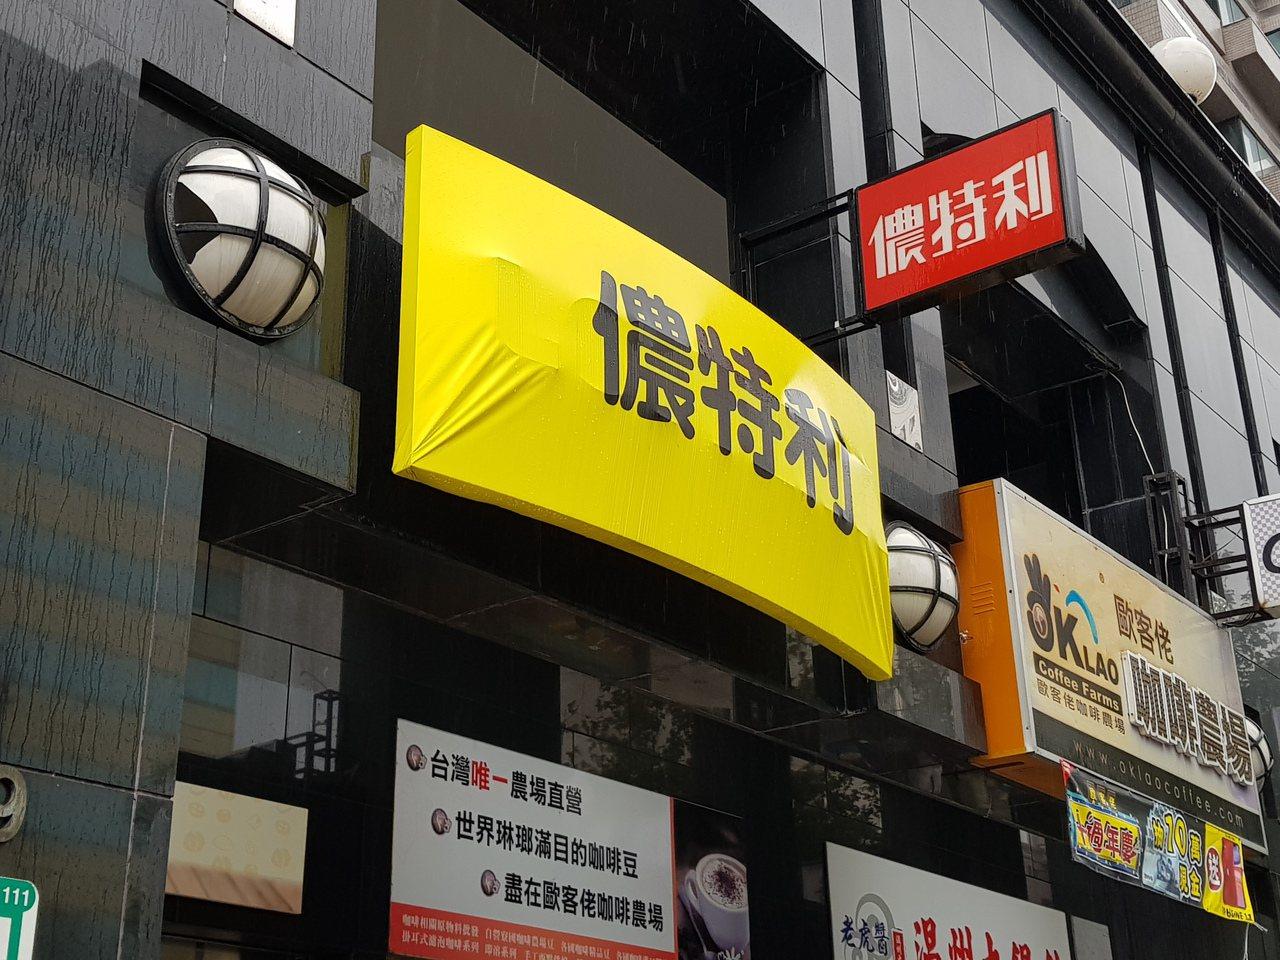 中文布條下,依稀可見到Lotteria的英文看板。記者陳睿中/攝影